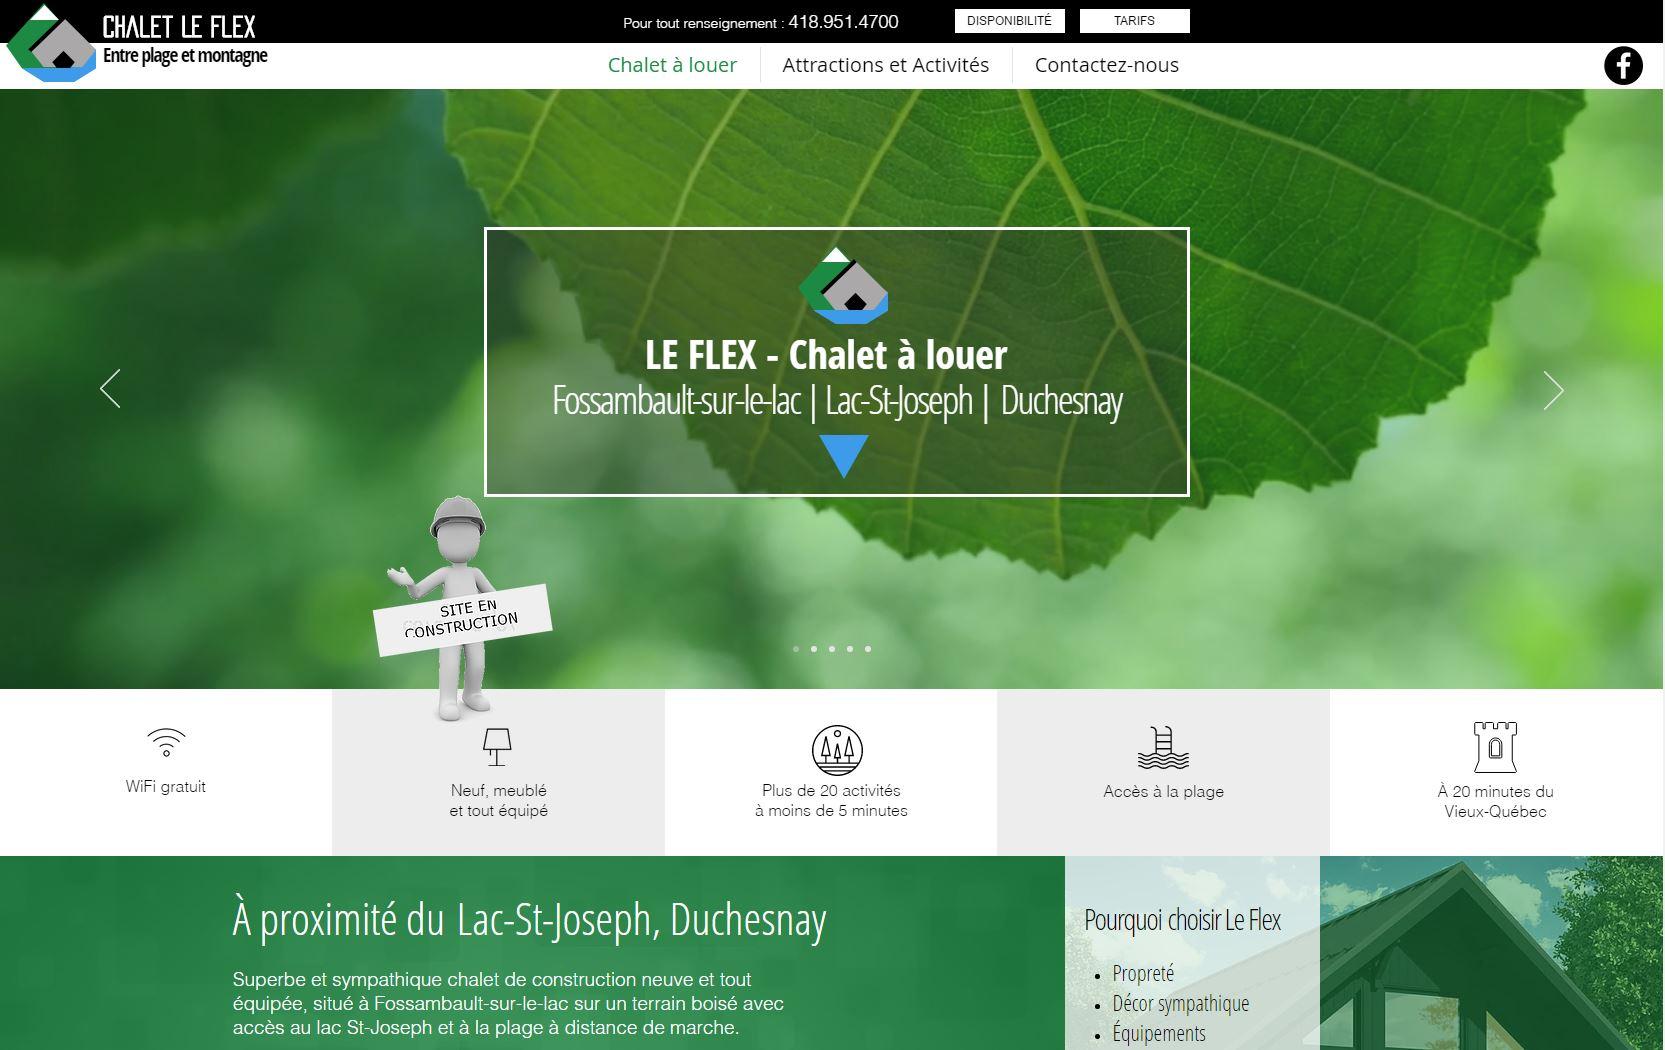 Chalet Le Flex